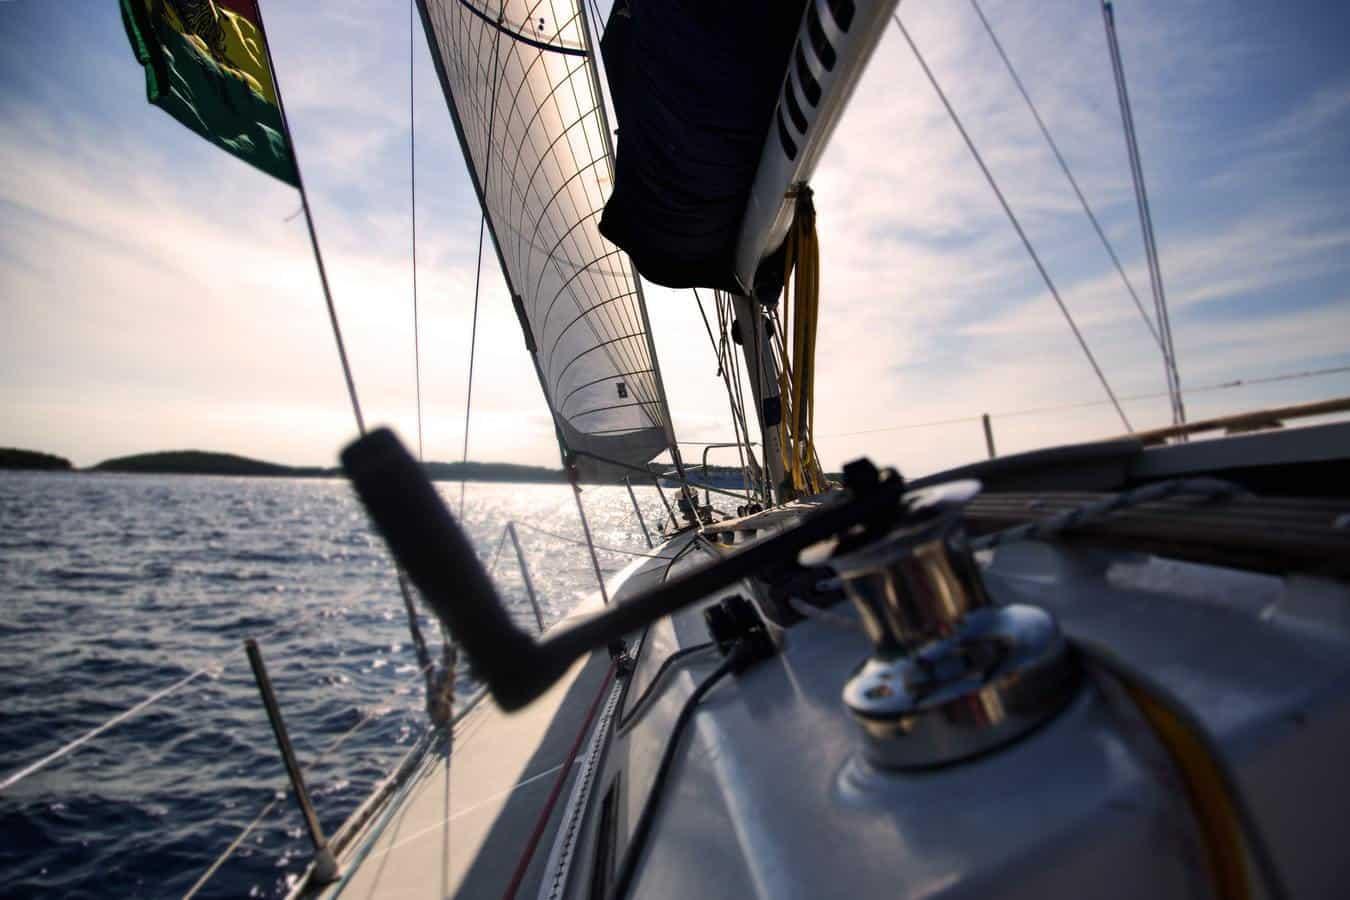 Close up shot of a sailboat